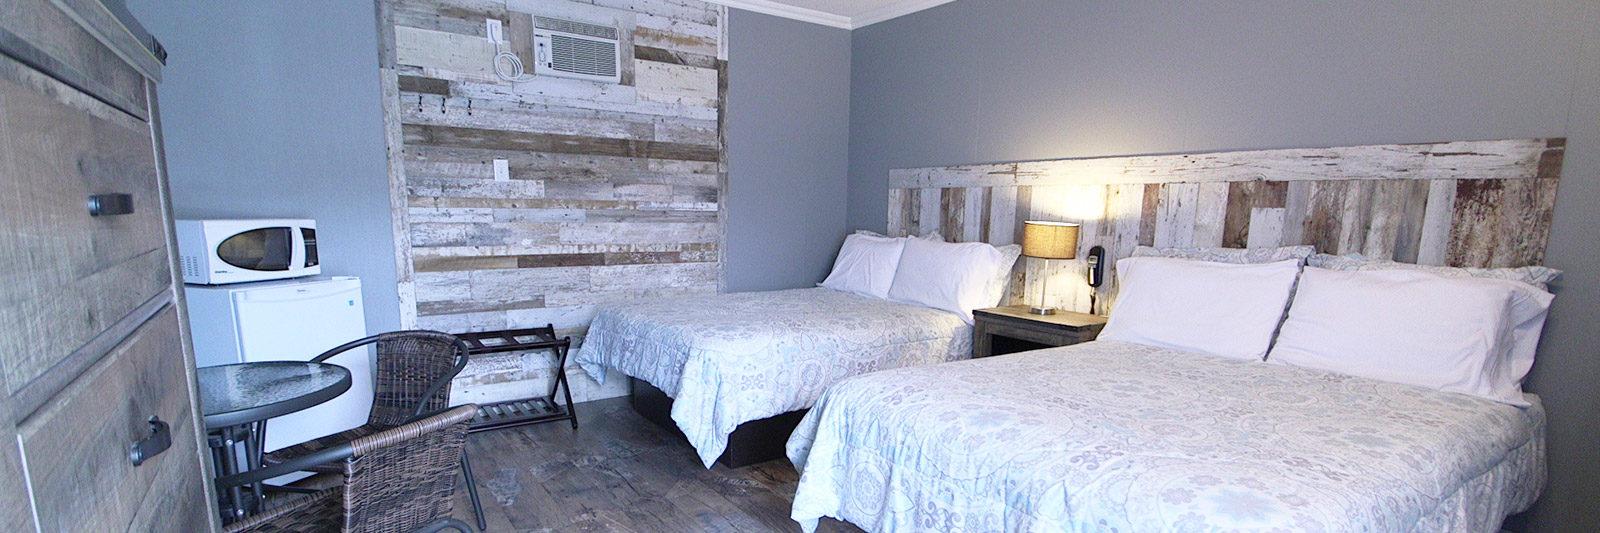 Chambre 31 Motel Coaticook